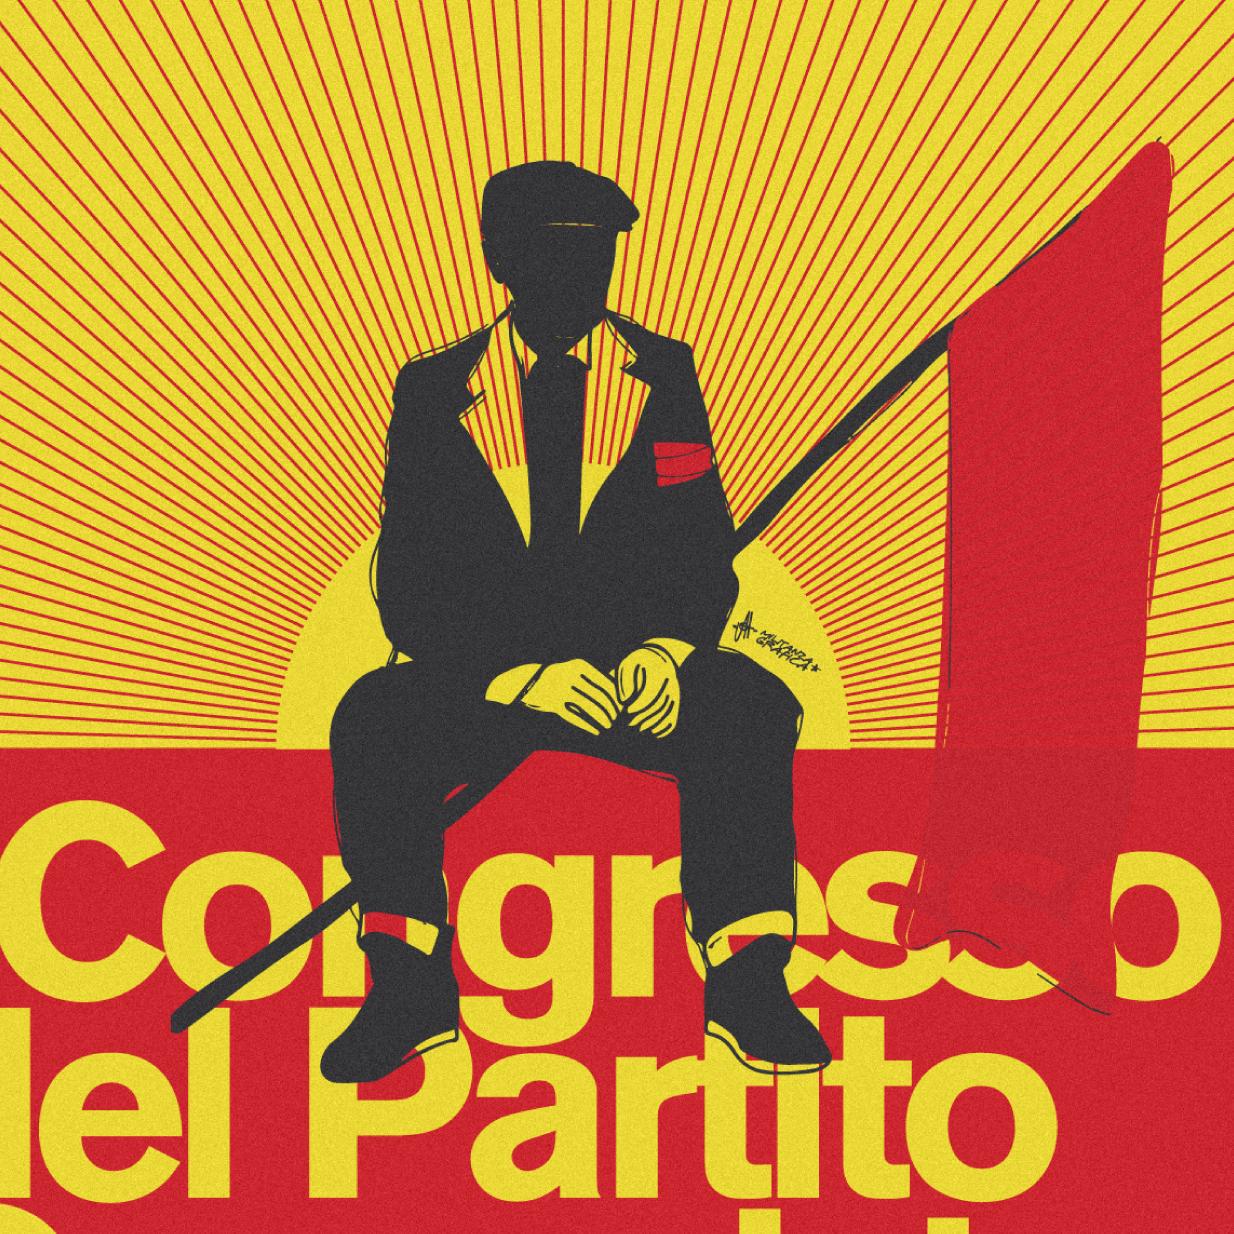 100 partito comunista